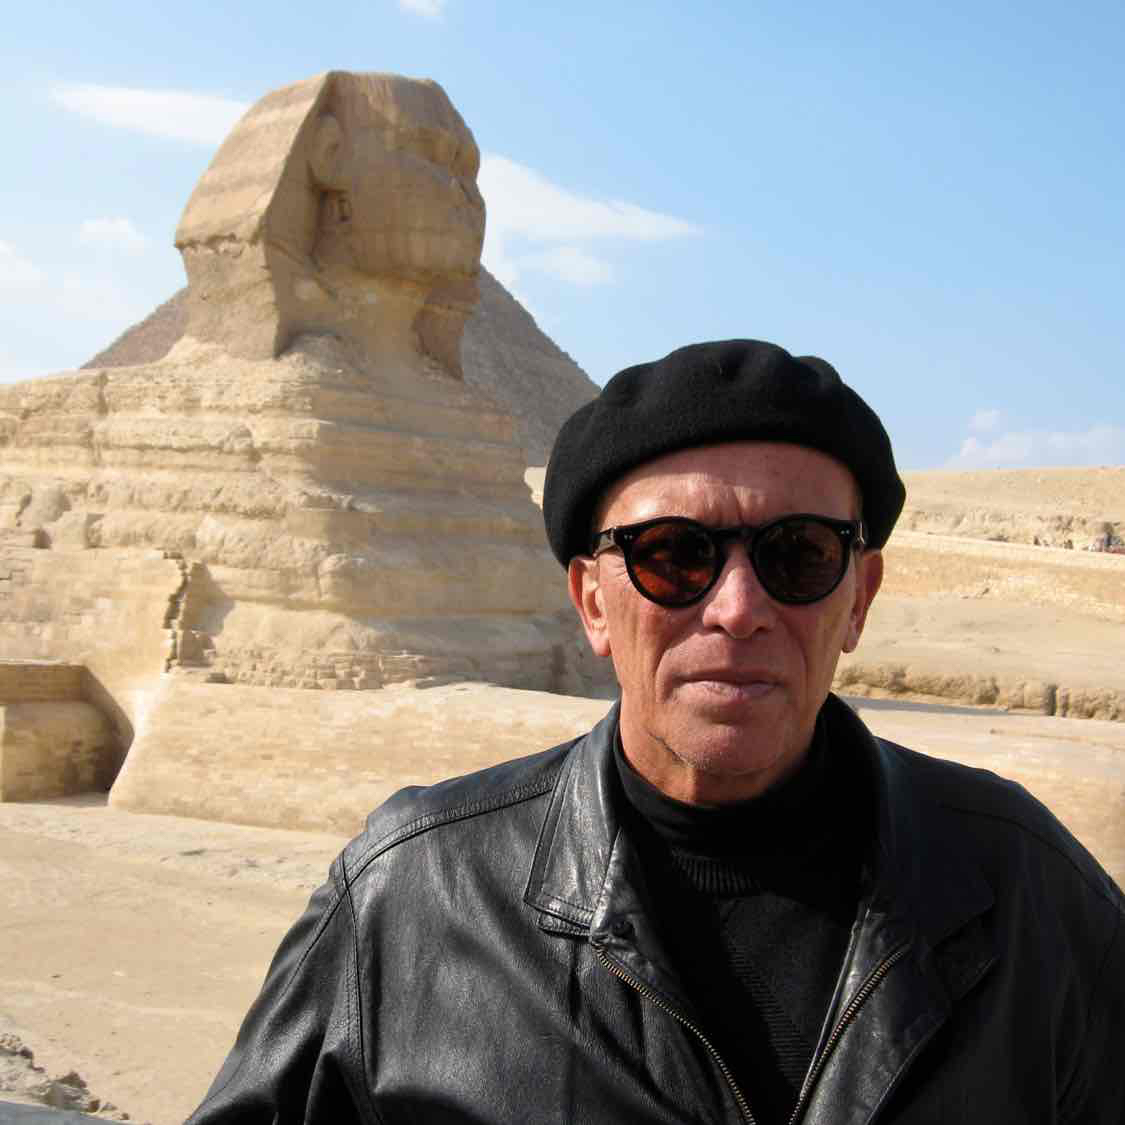 Avatar of Peter Weller